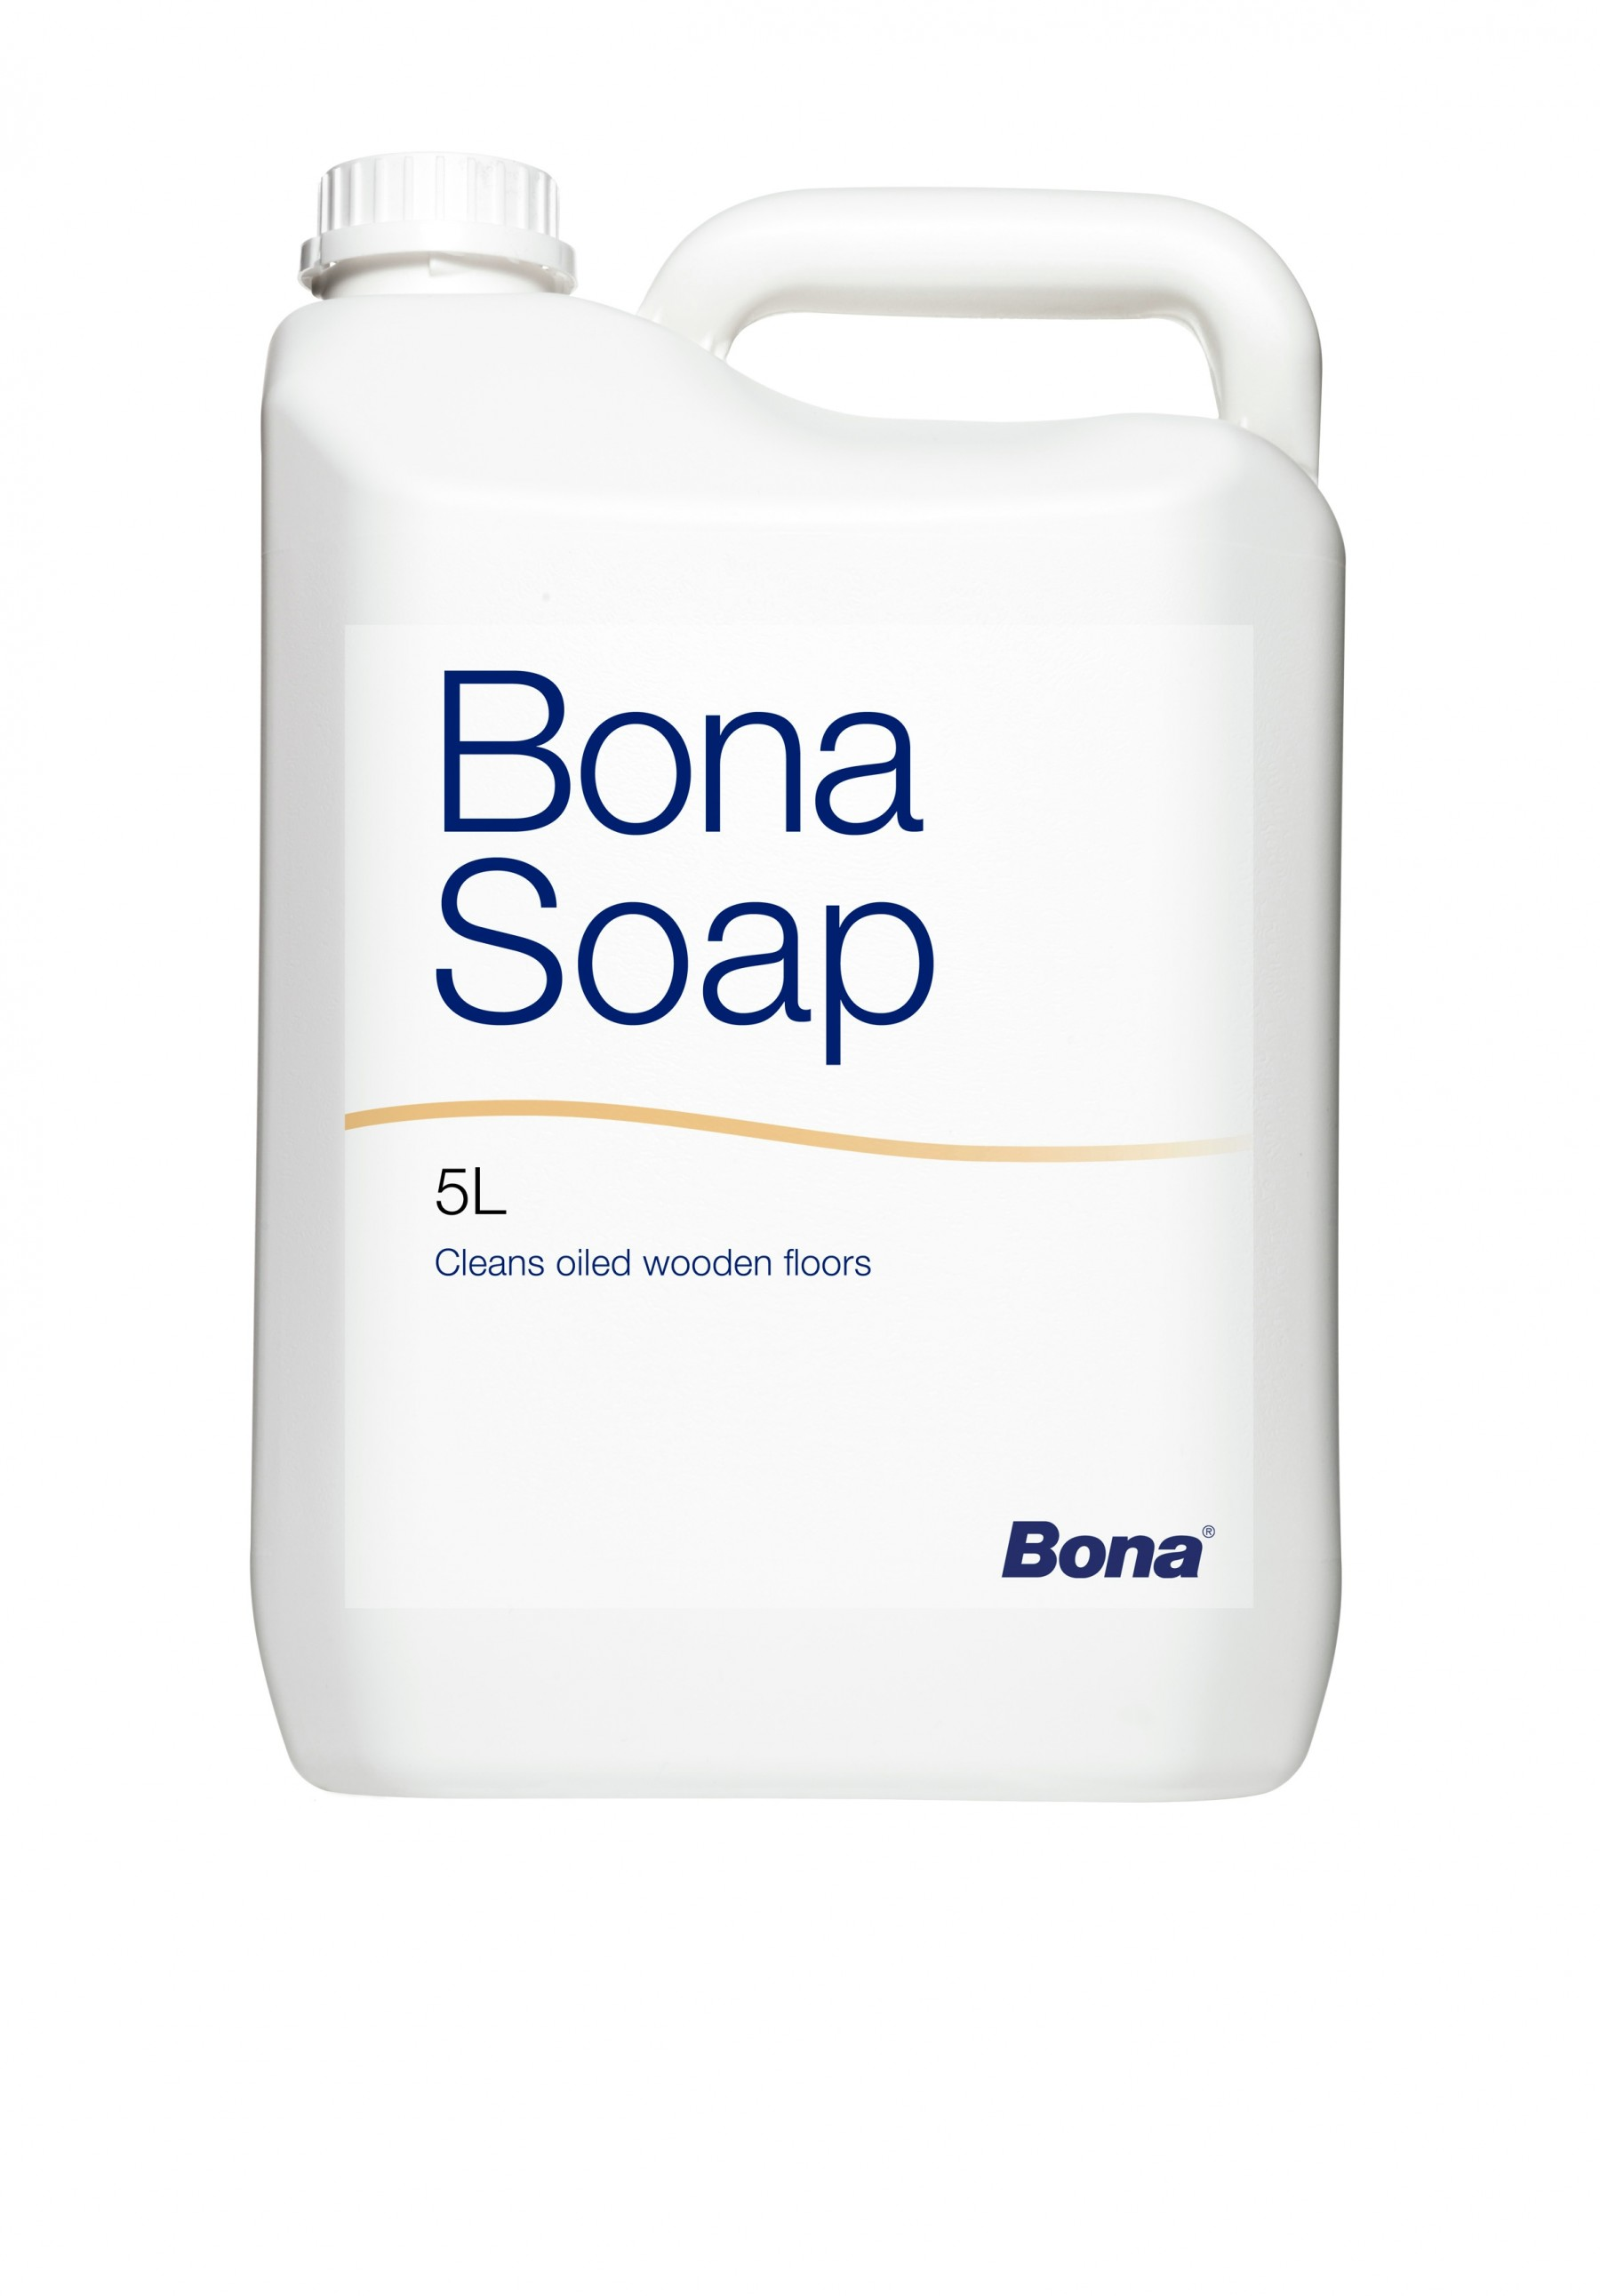 Bona Soap 5L